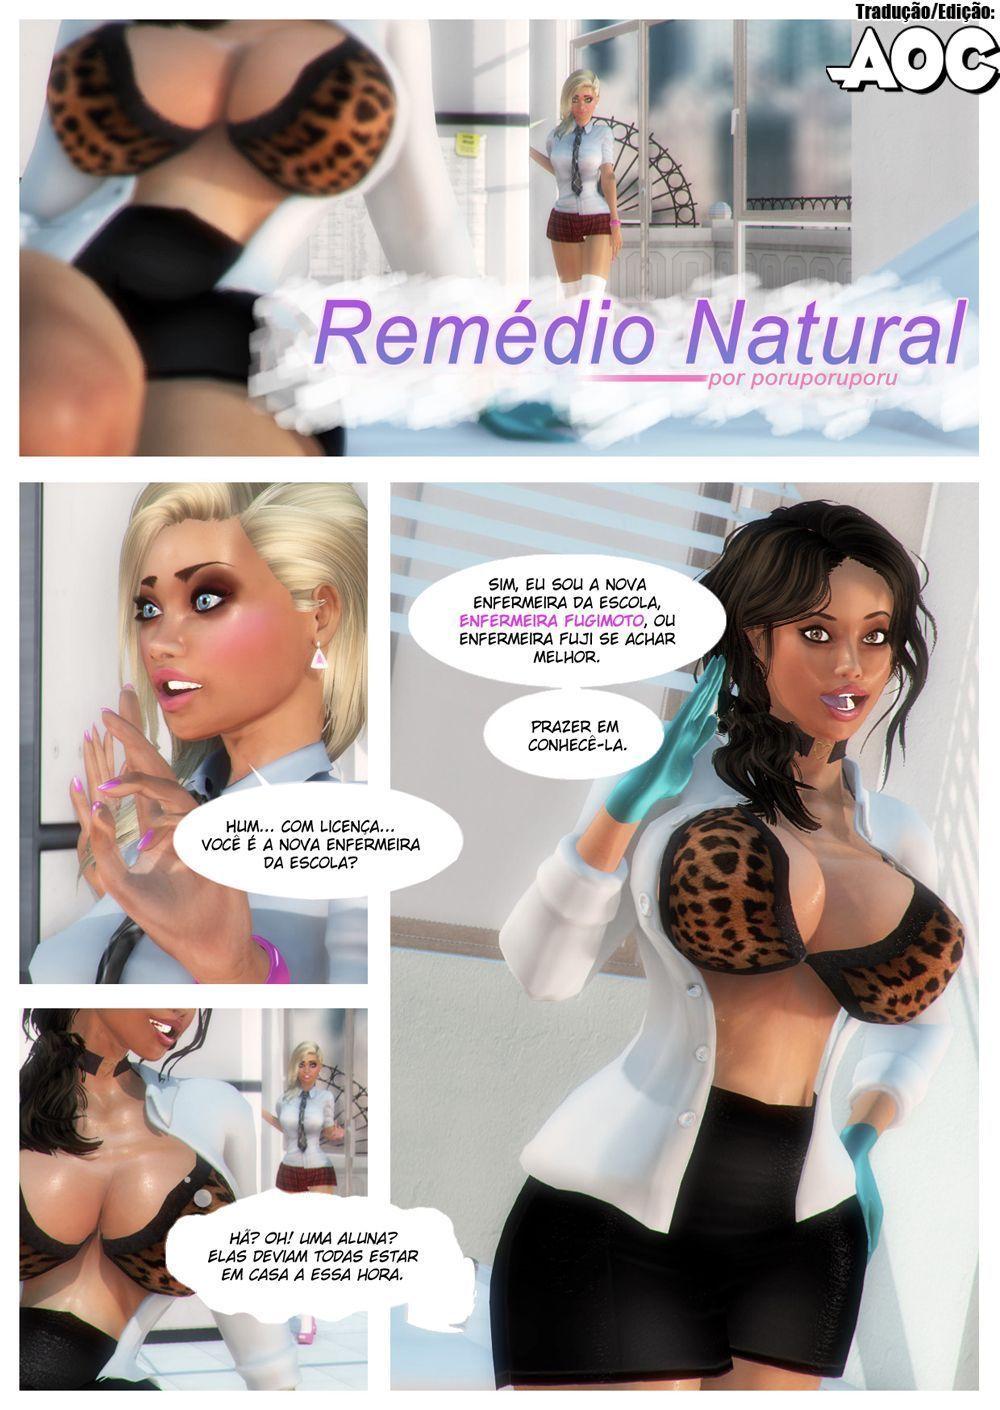 Remedio natural parte 1 - consulta peculiar